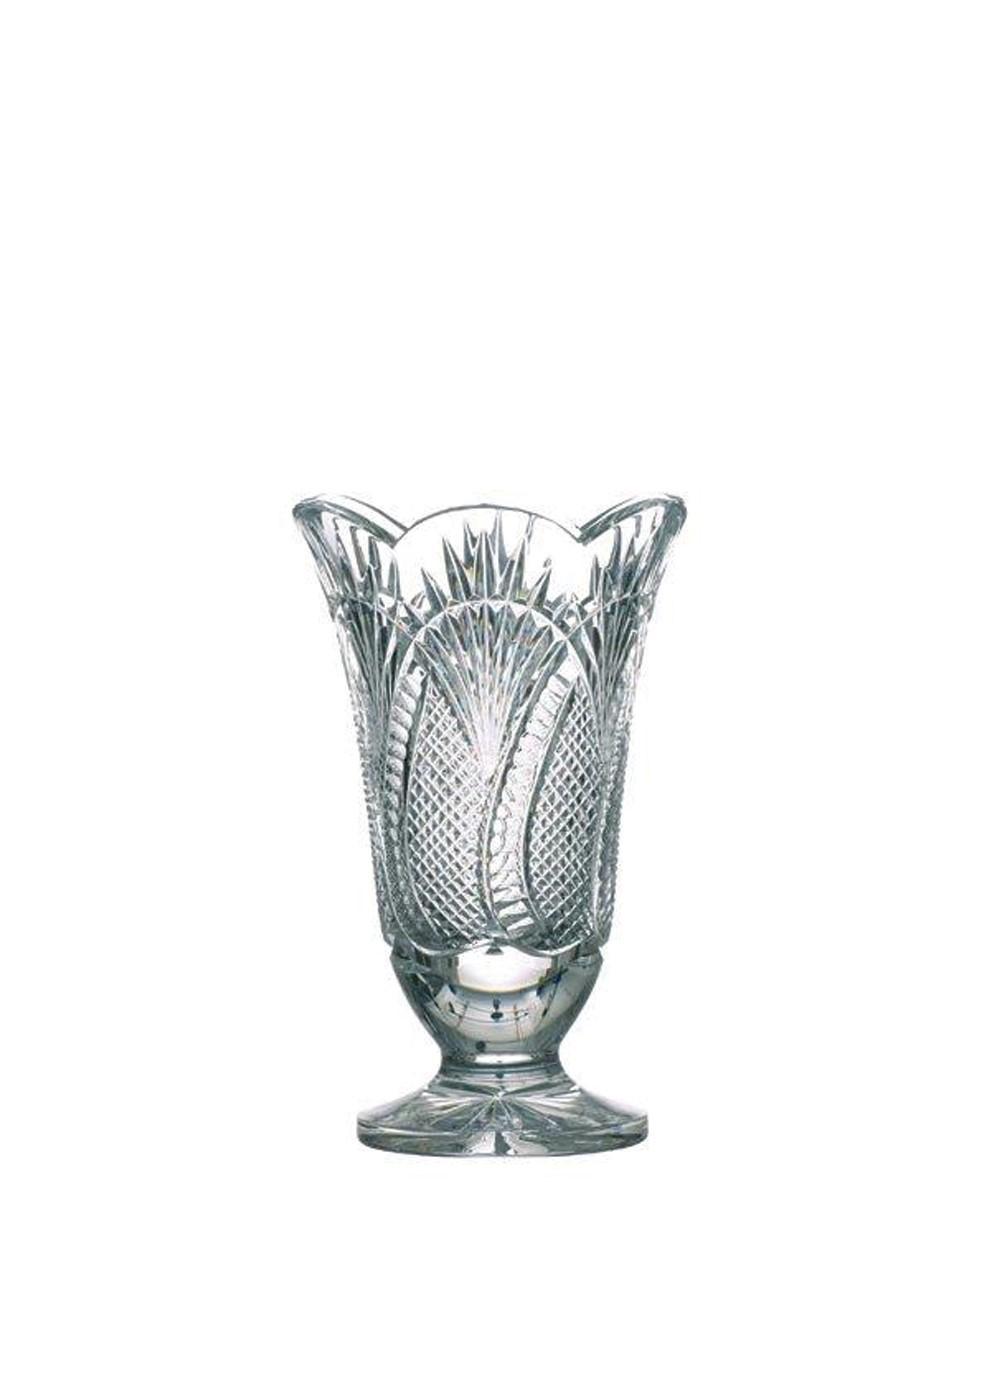 Waterford crystal seahorse 10 inch vase blarney waterford crystal seahorse 10 inch vase reviewsmspy